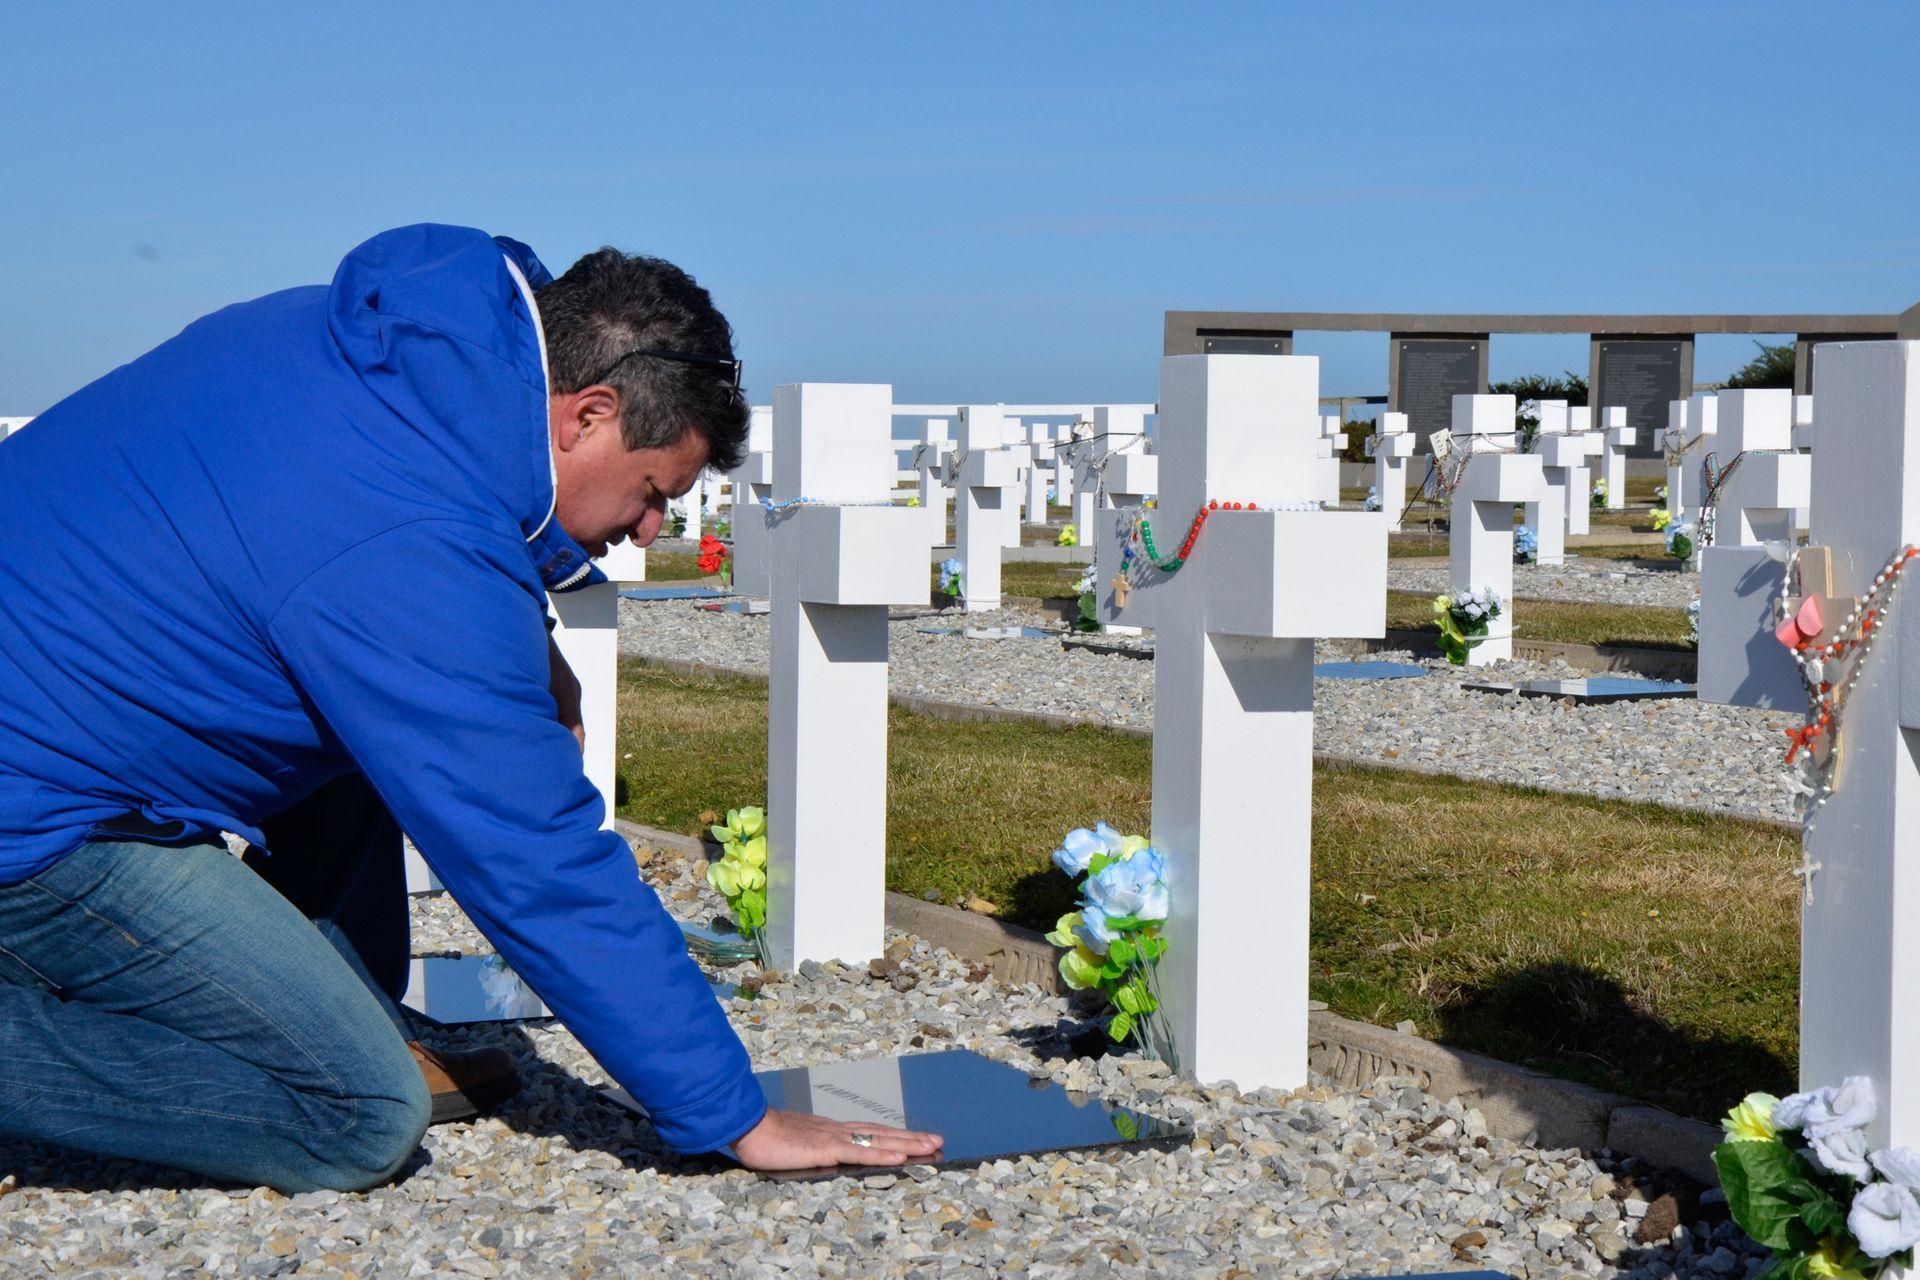 Desde el cementerio envió una foto a un televidente que le había pedido que buscara la tumba del Sargento Blanco, que había sido amigo de su padre en vida.